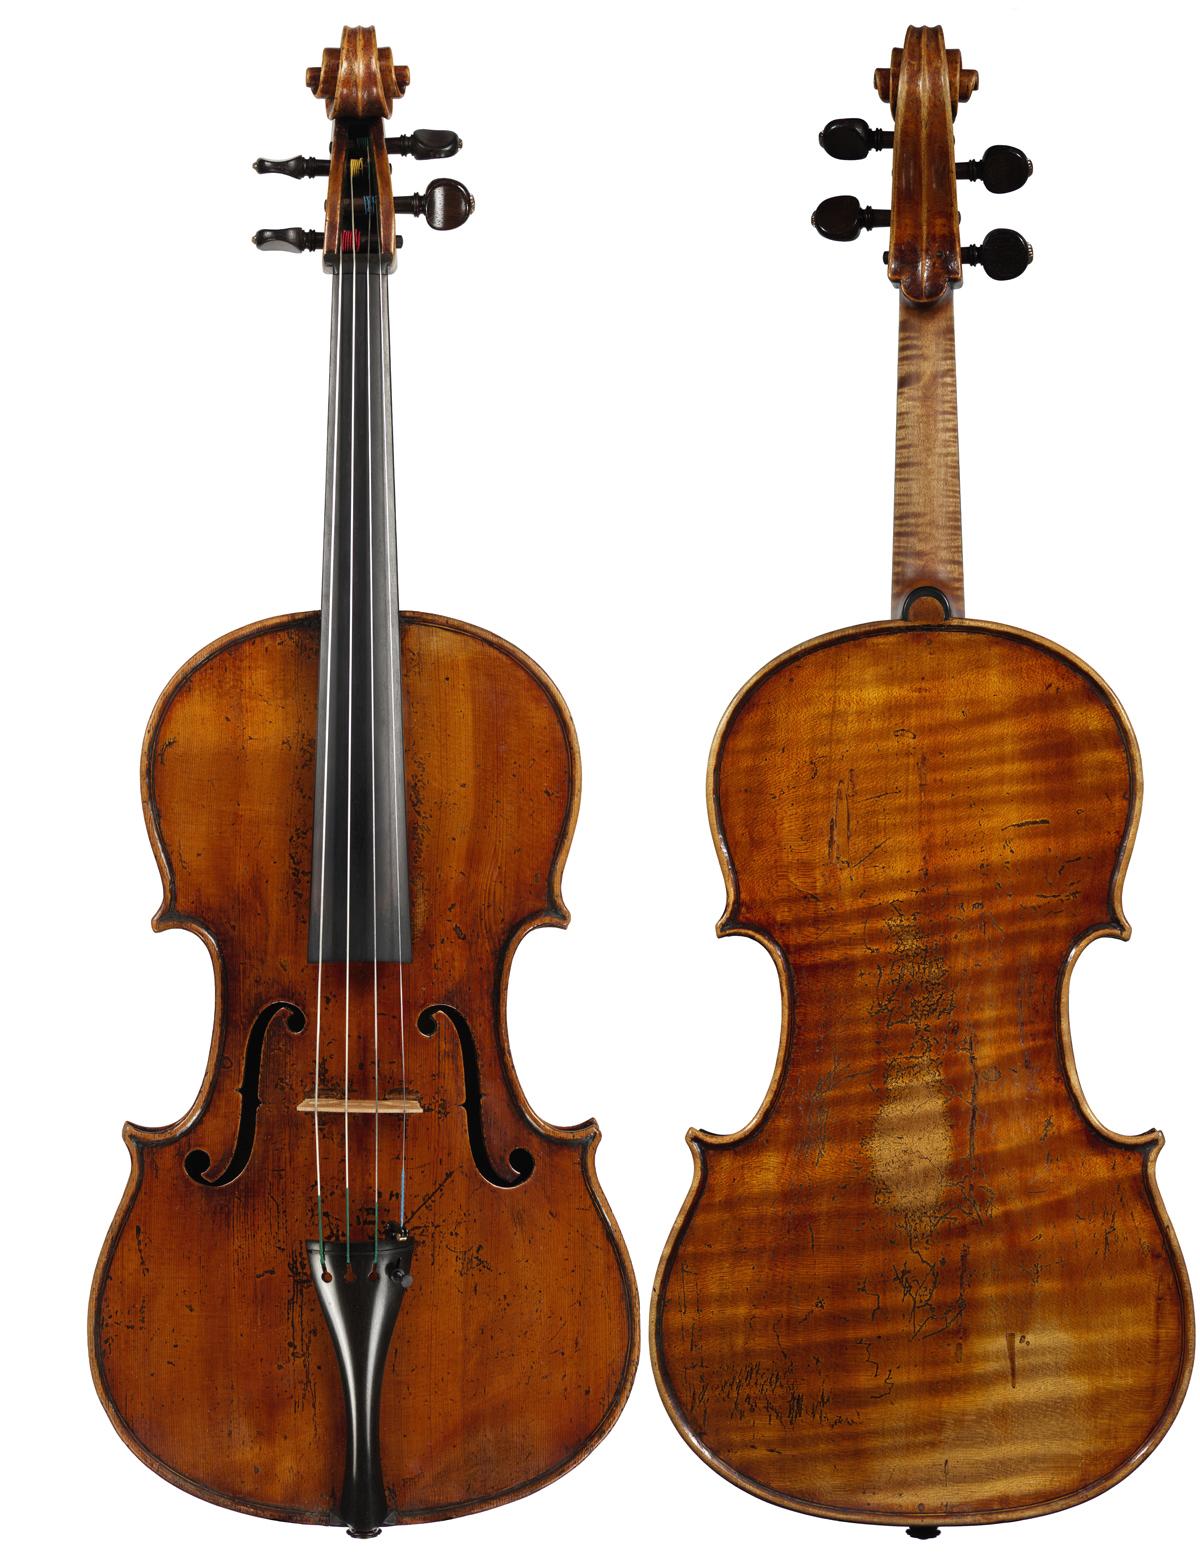 Viola by Carlo Ferdinando Landolfi